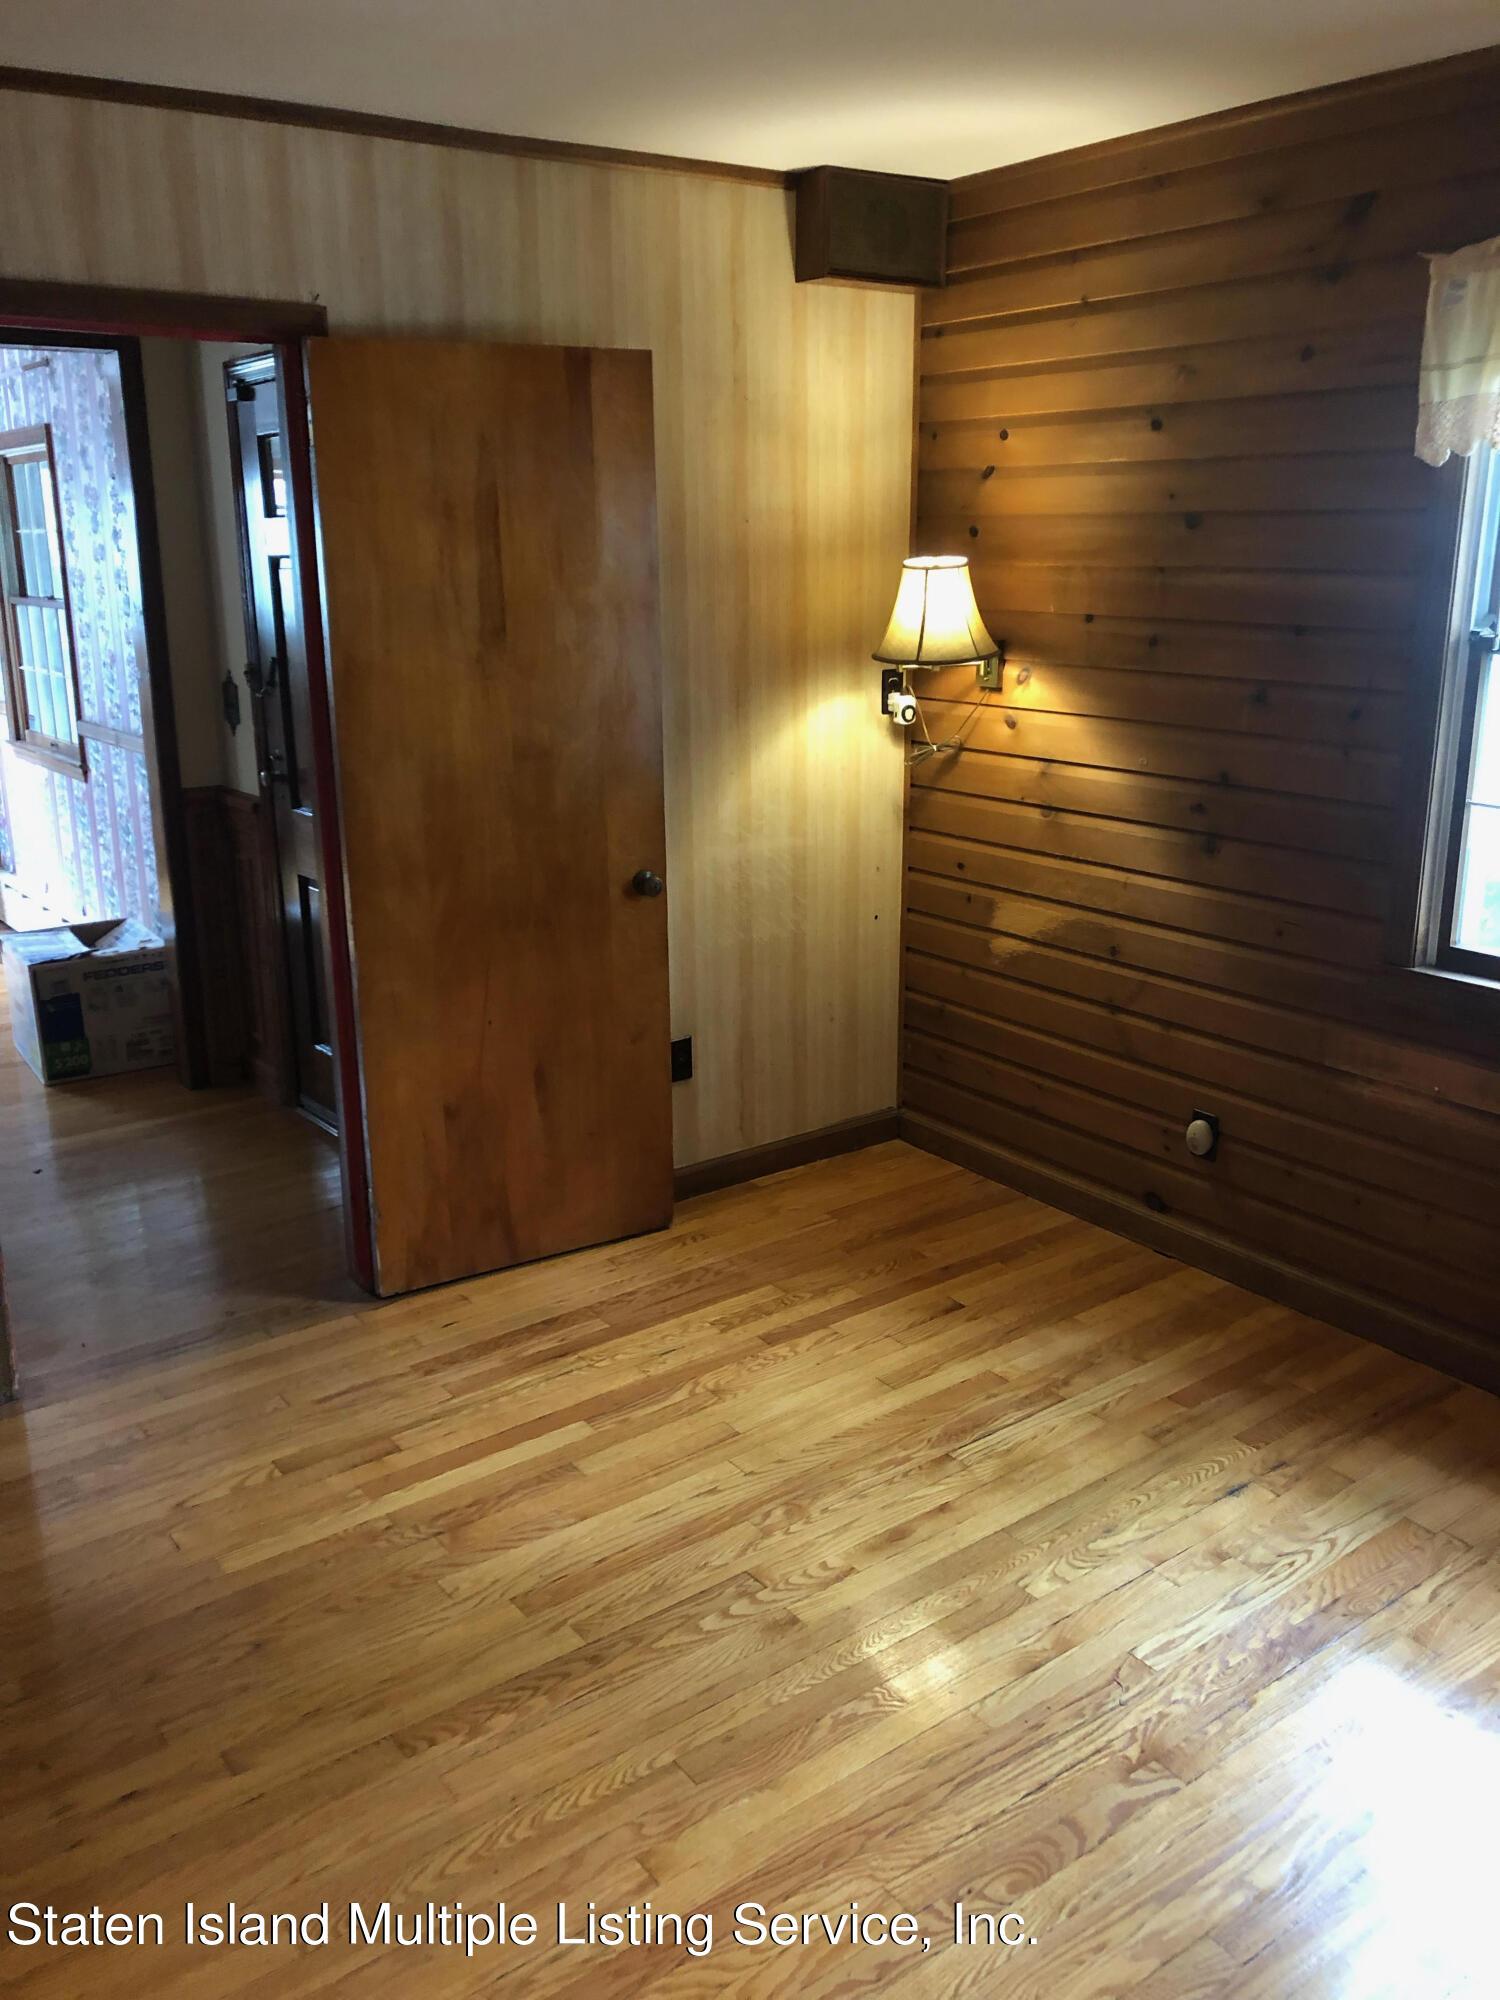 Single Family - Detached 88 Howton Avenue  Staten Island, NY 10308, MLS-1147500-13